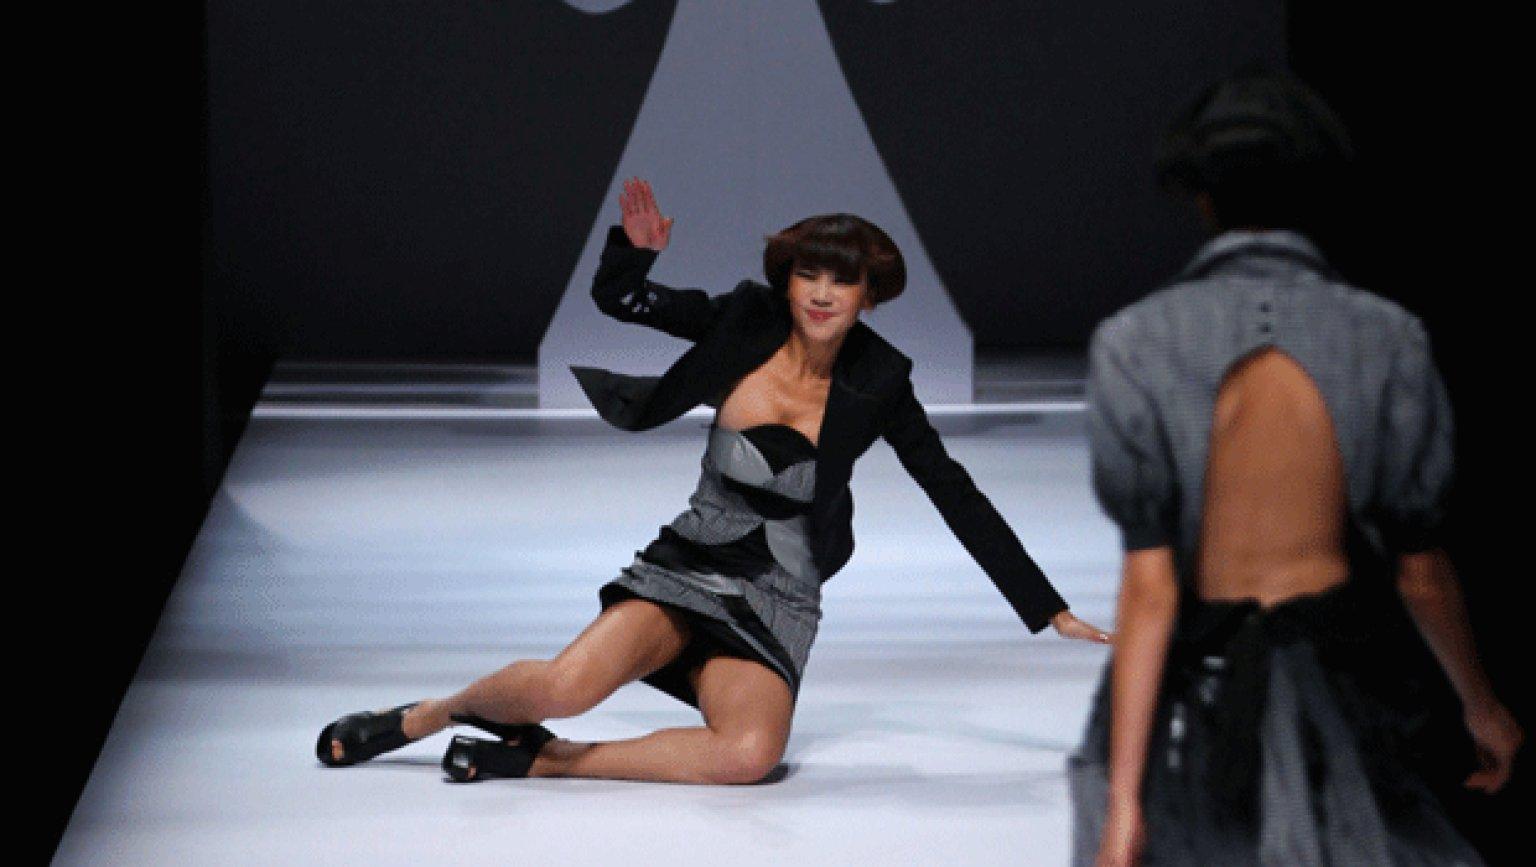 【朗報】ファッションショーのモデルまんさん、ステージで転倒しとんでも部分を御開帳wwwwwwwwwwwwwwwww(画像あり)・13枚目